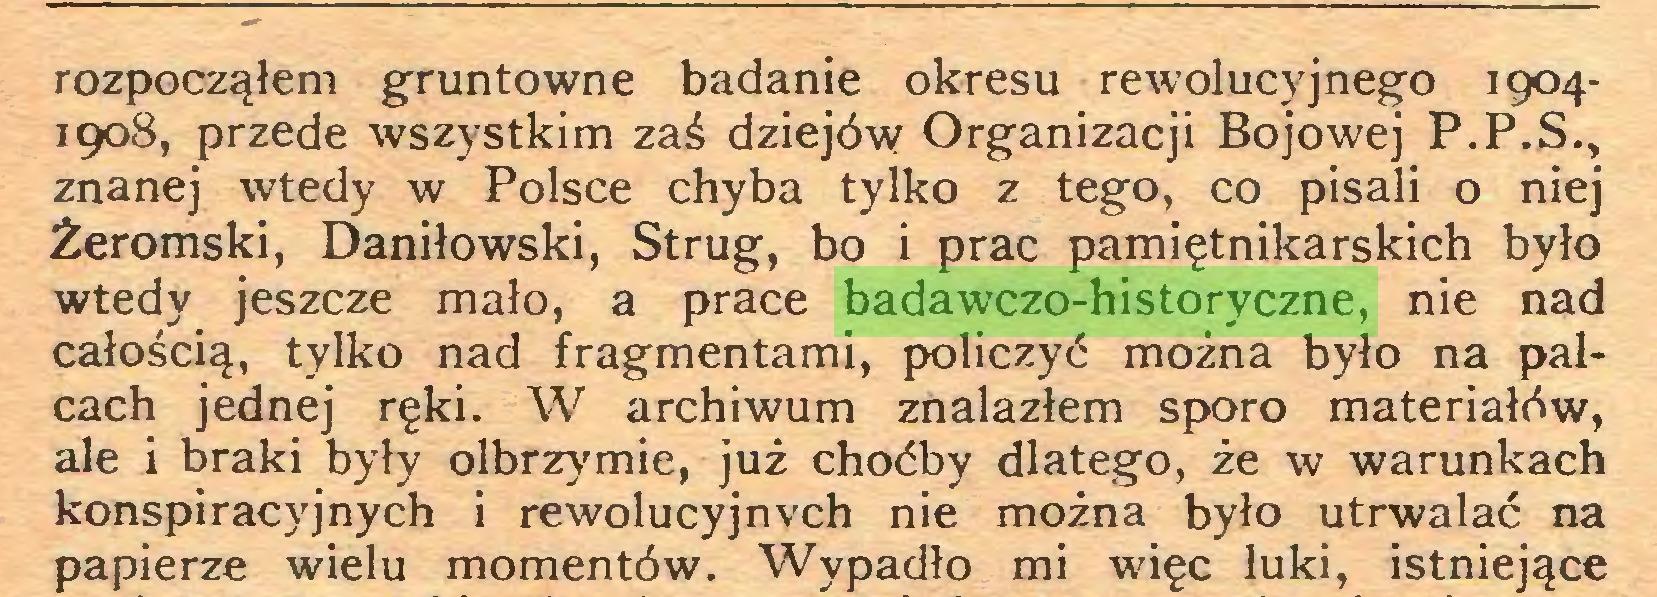 (...) rozpocząłem gruntowne badanie okresu rewolucyjnego 19041908, przede wszystkim zaś dziejów Organizacji Bojowej P.P.S., znanej wtedy w Polsce chyba tylko z tego, co pisali o niej Żeromski, Daniłowski, Strug, bo i prac pamiętnikarskich było wtedy jeszcze mało, a prace badawczo-historyczne, nie nad całością, tylko nad fragmentami, policzyć można było na palcach jednej ręki. W archiwum znalazłem sporo materiałów, ale i braki były olbrzymie, już choćby dlatego, że w warunkach konspiracyjnych i rewolucyjnych nie można było utrwalać na papierze wielu momentów. Wypadło mi więc luki, istniejące...